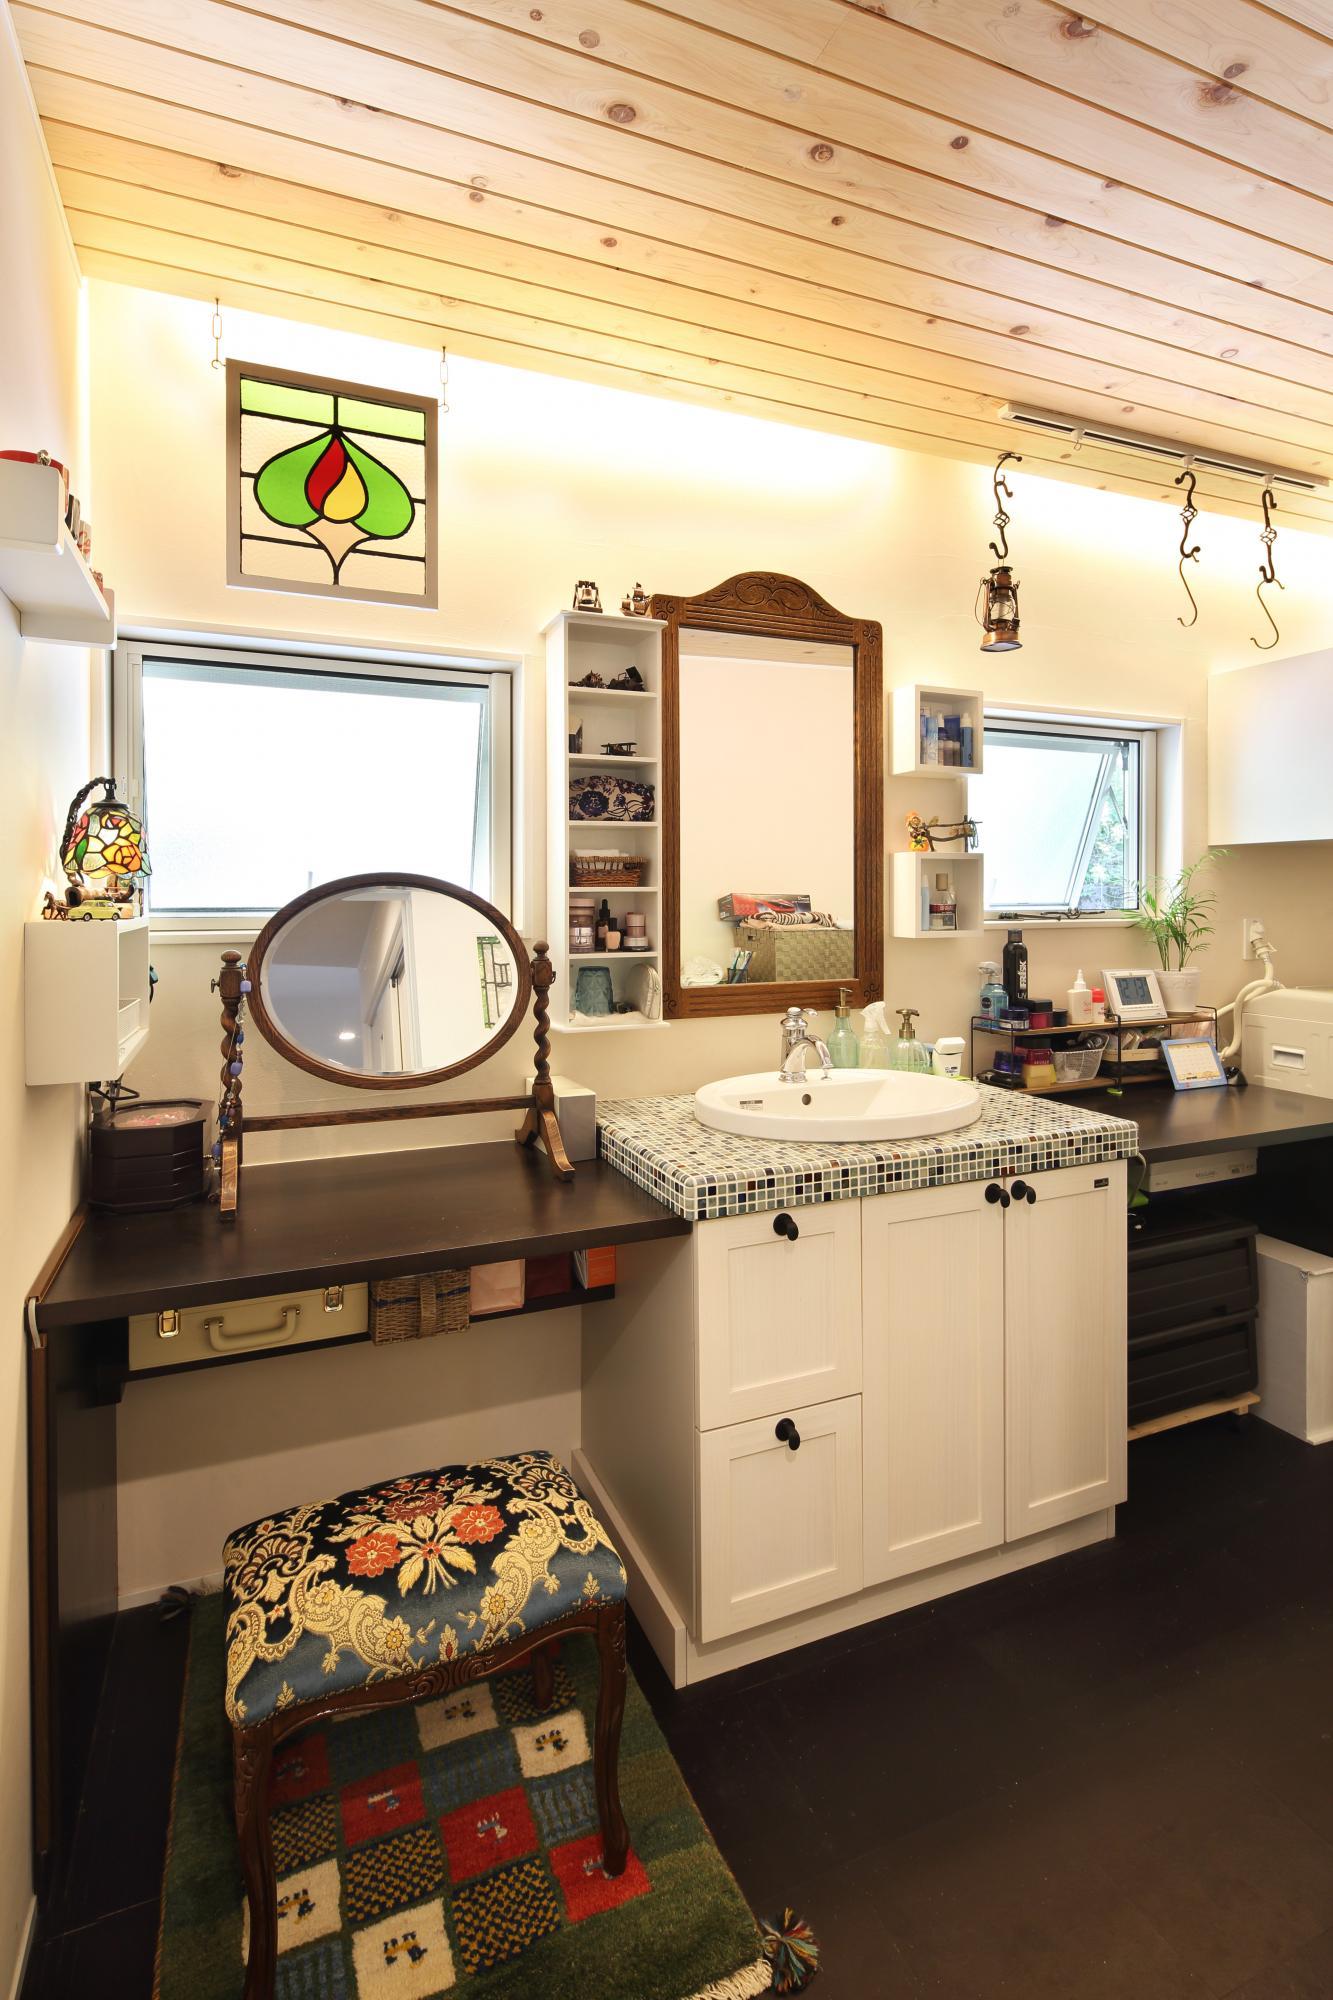 タイル貼りの天板、板張りの天井に間接照明が温もりを与えるアンティーク調の洗面室。使い勝手にも配慮し十分なスペースを確保